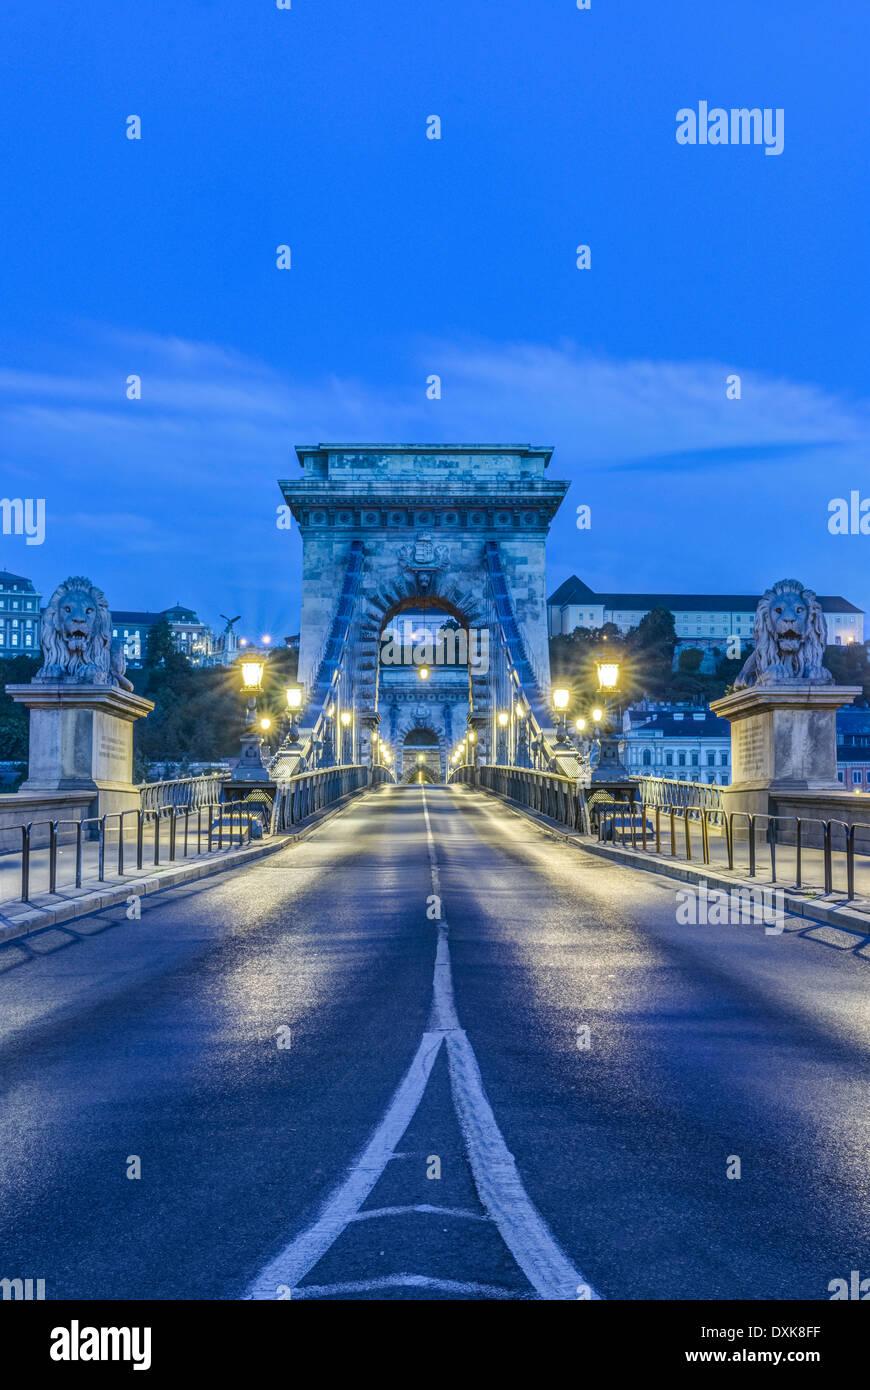 Löwen-Statuen und beleuchtete Straßenlampen entlang Kettenbrücke, Budapest, Ungarn Stockbild